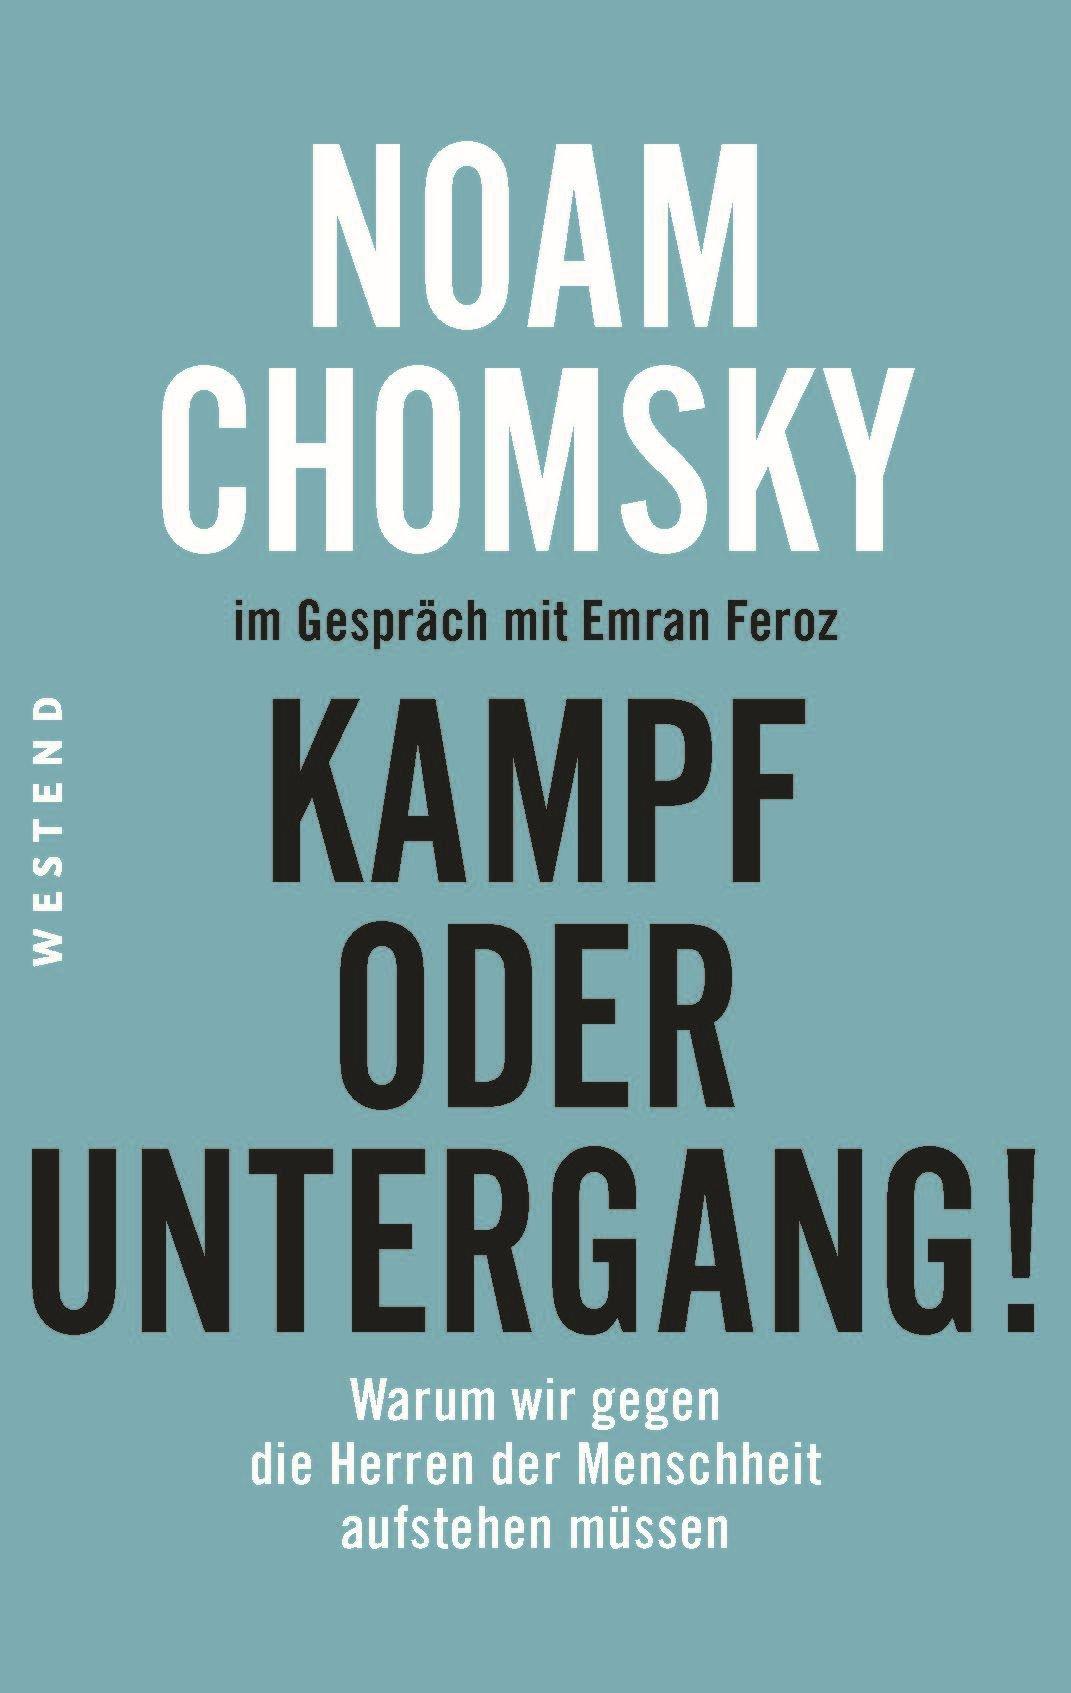 Kampf oder Untergang!: Warum wir gegen die Herren der Menschheit aufstehen müssen Taschenbuch – 2. November 2018 Noam Chomsky Emran Feroz Westend Verlag 3864892333